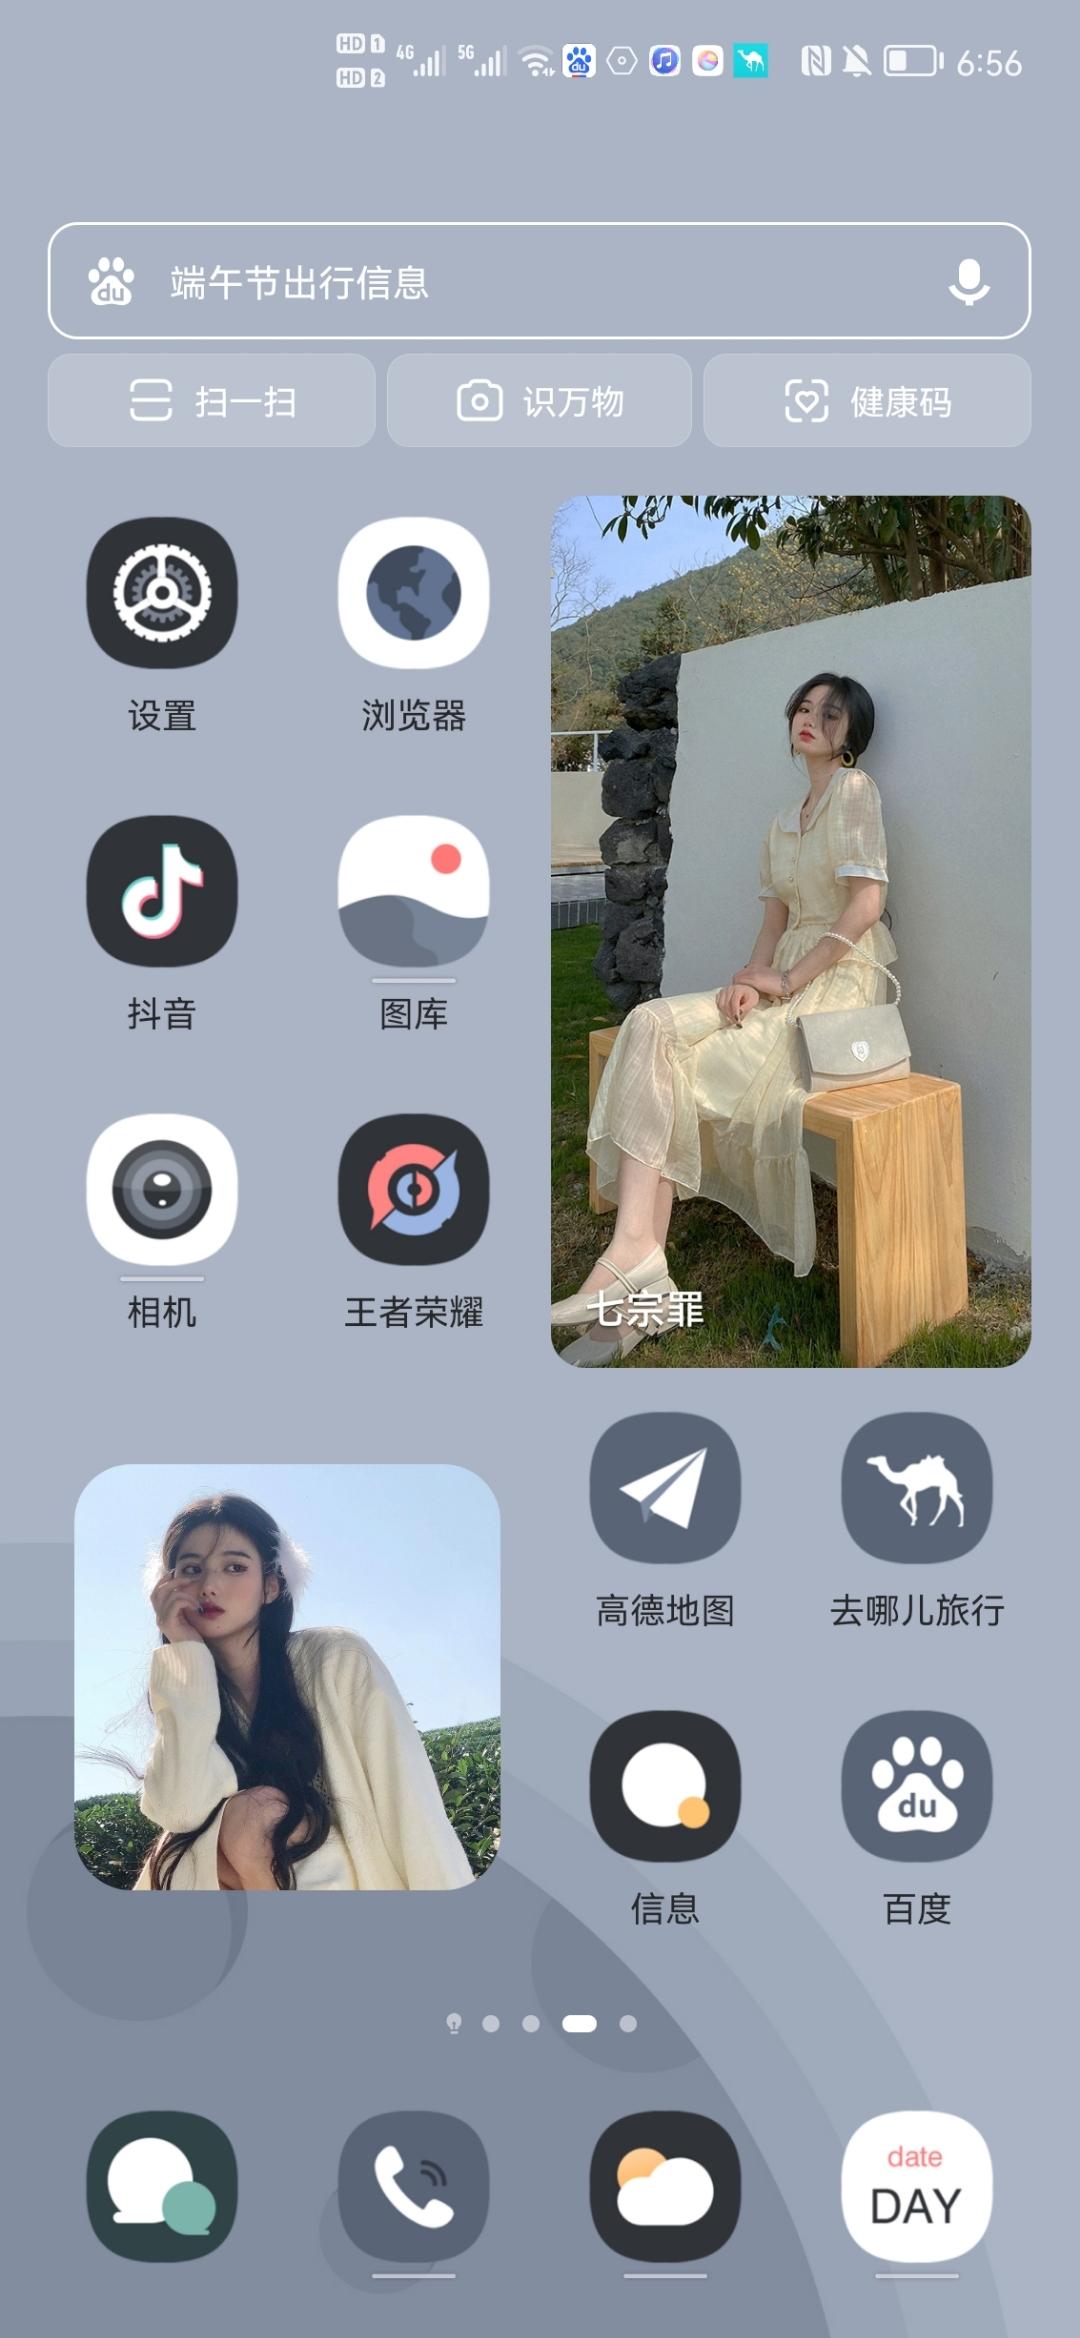 Screenshot_20210611_185614_com.huawei.android.launcher.jpg